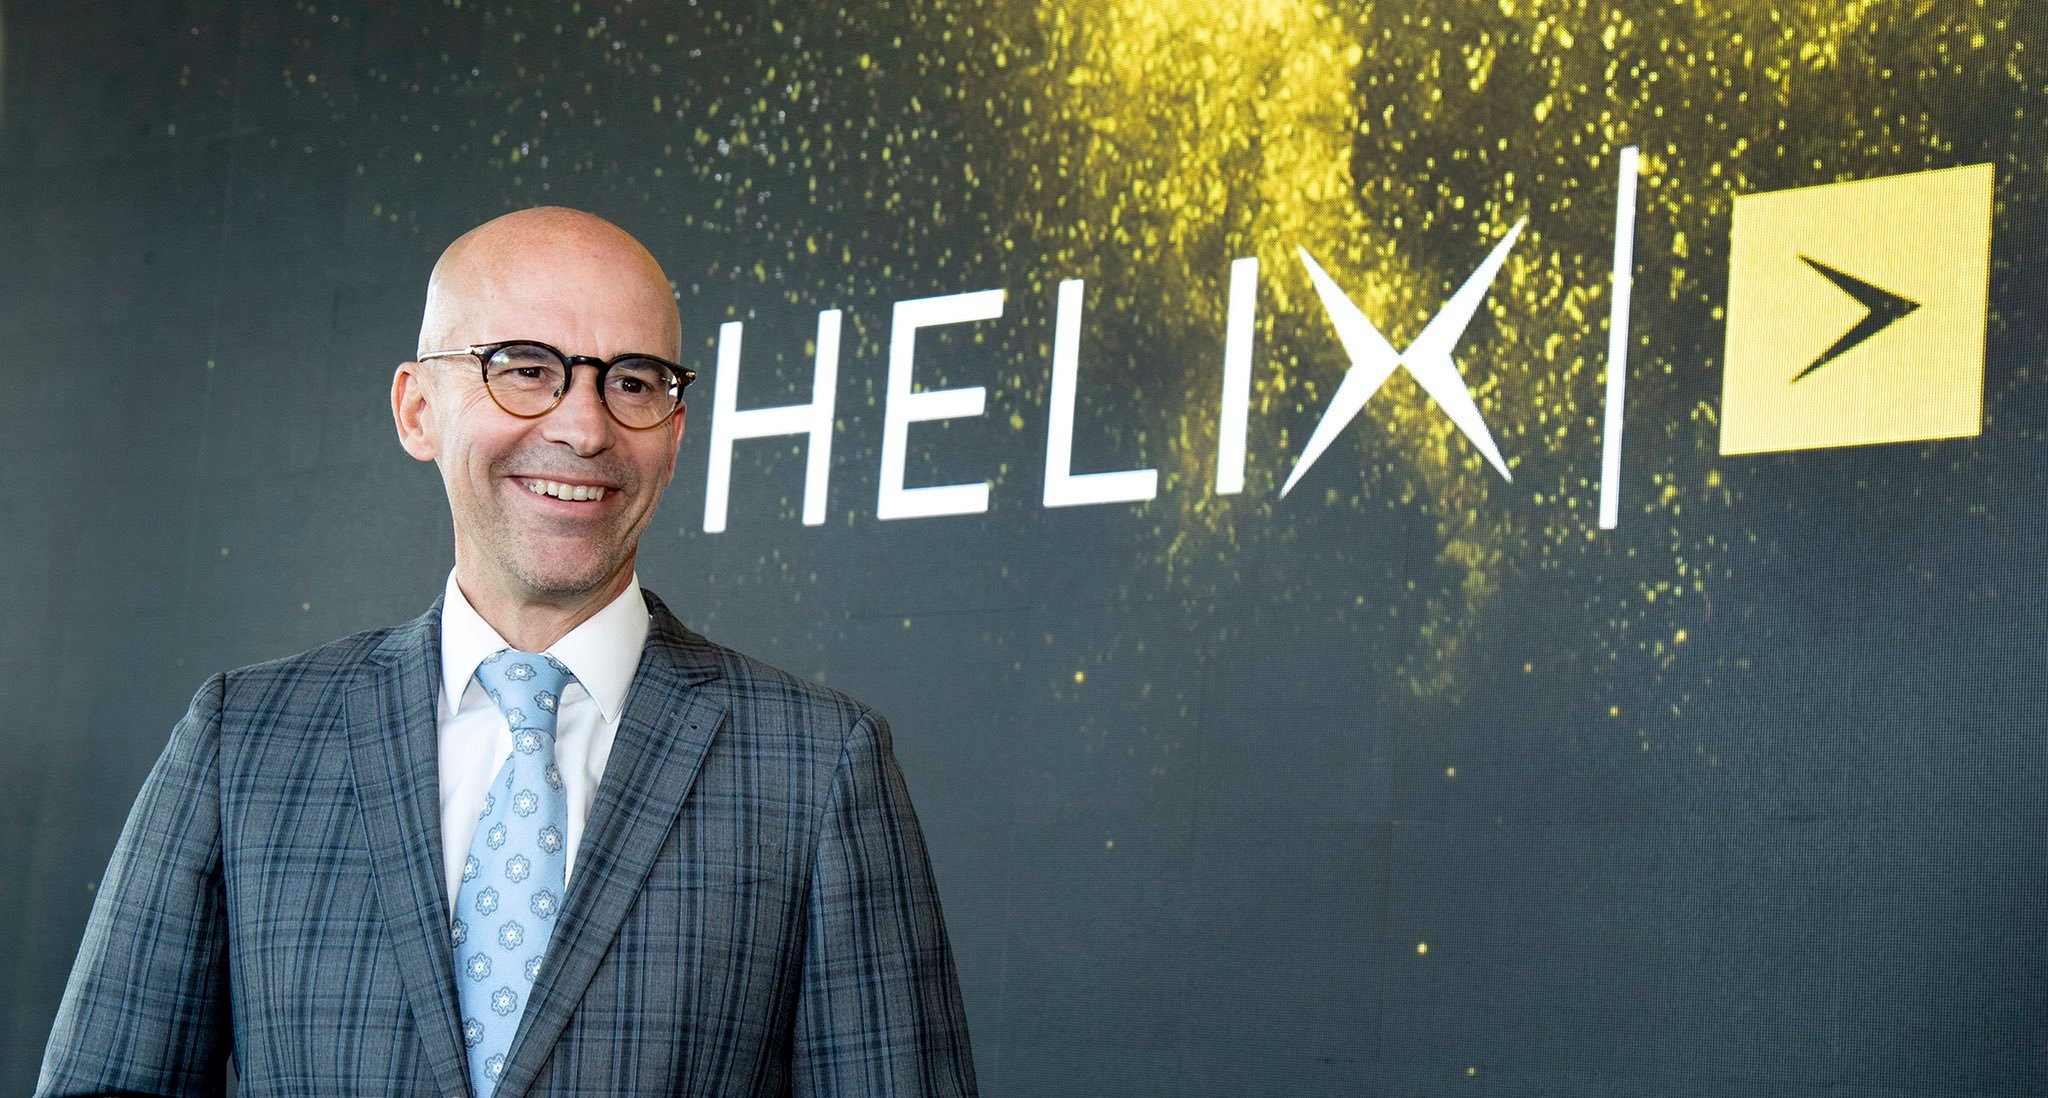 Vidéotron | Helix : une toute nouvelle expérience technologique fait son entrée dans les foyers québécois